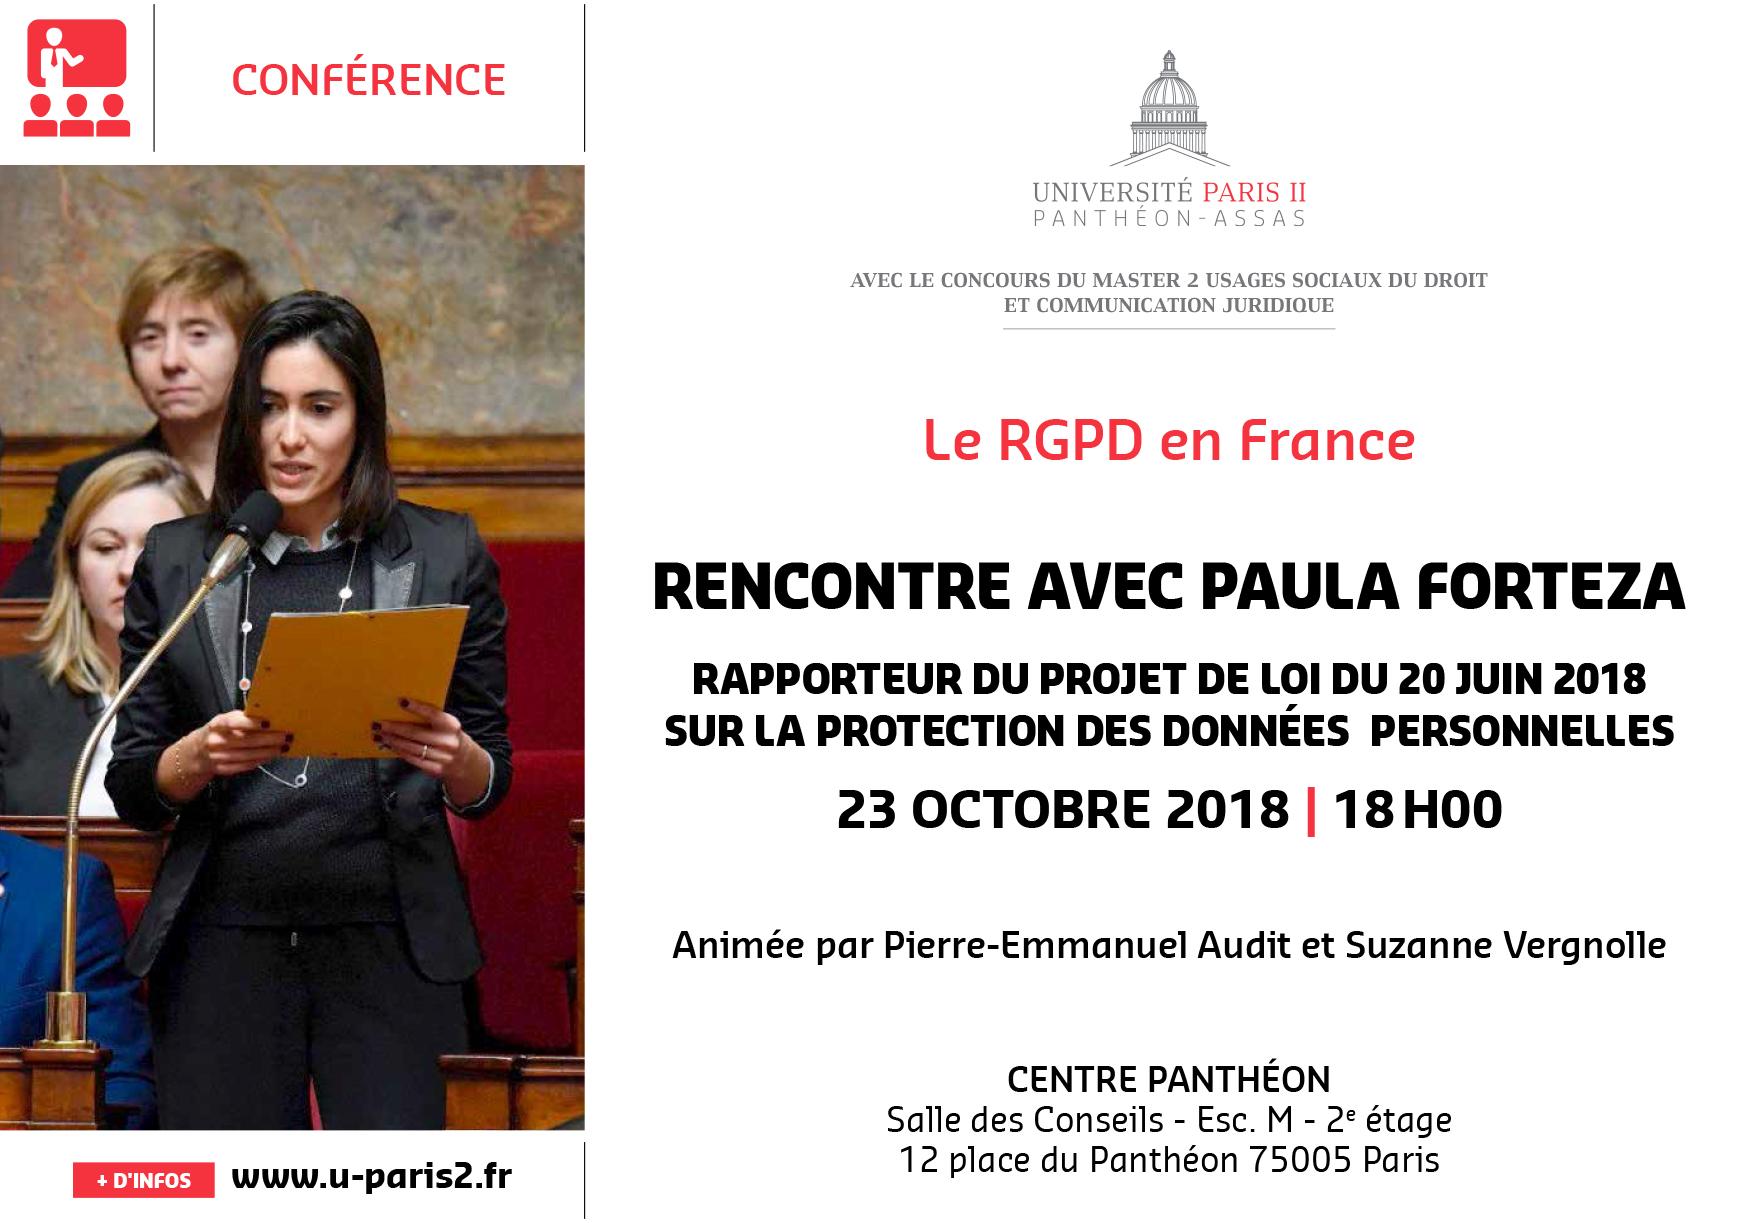 Affiche - Le RGPD, rencontre avec Paula Forteza